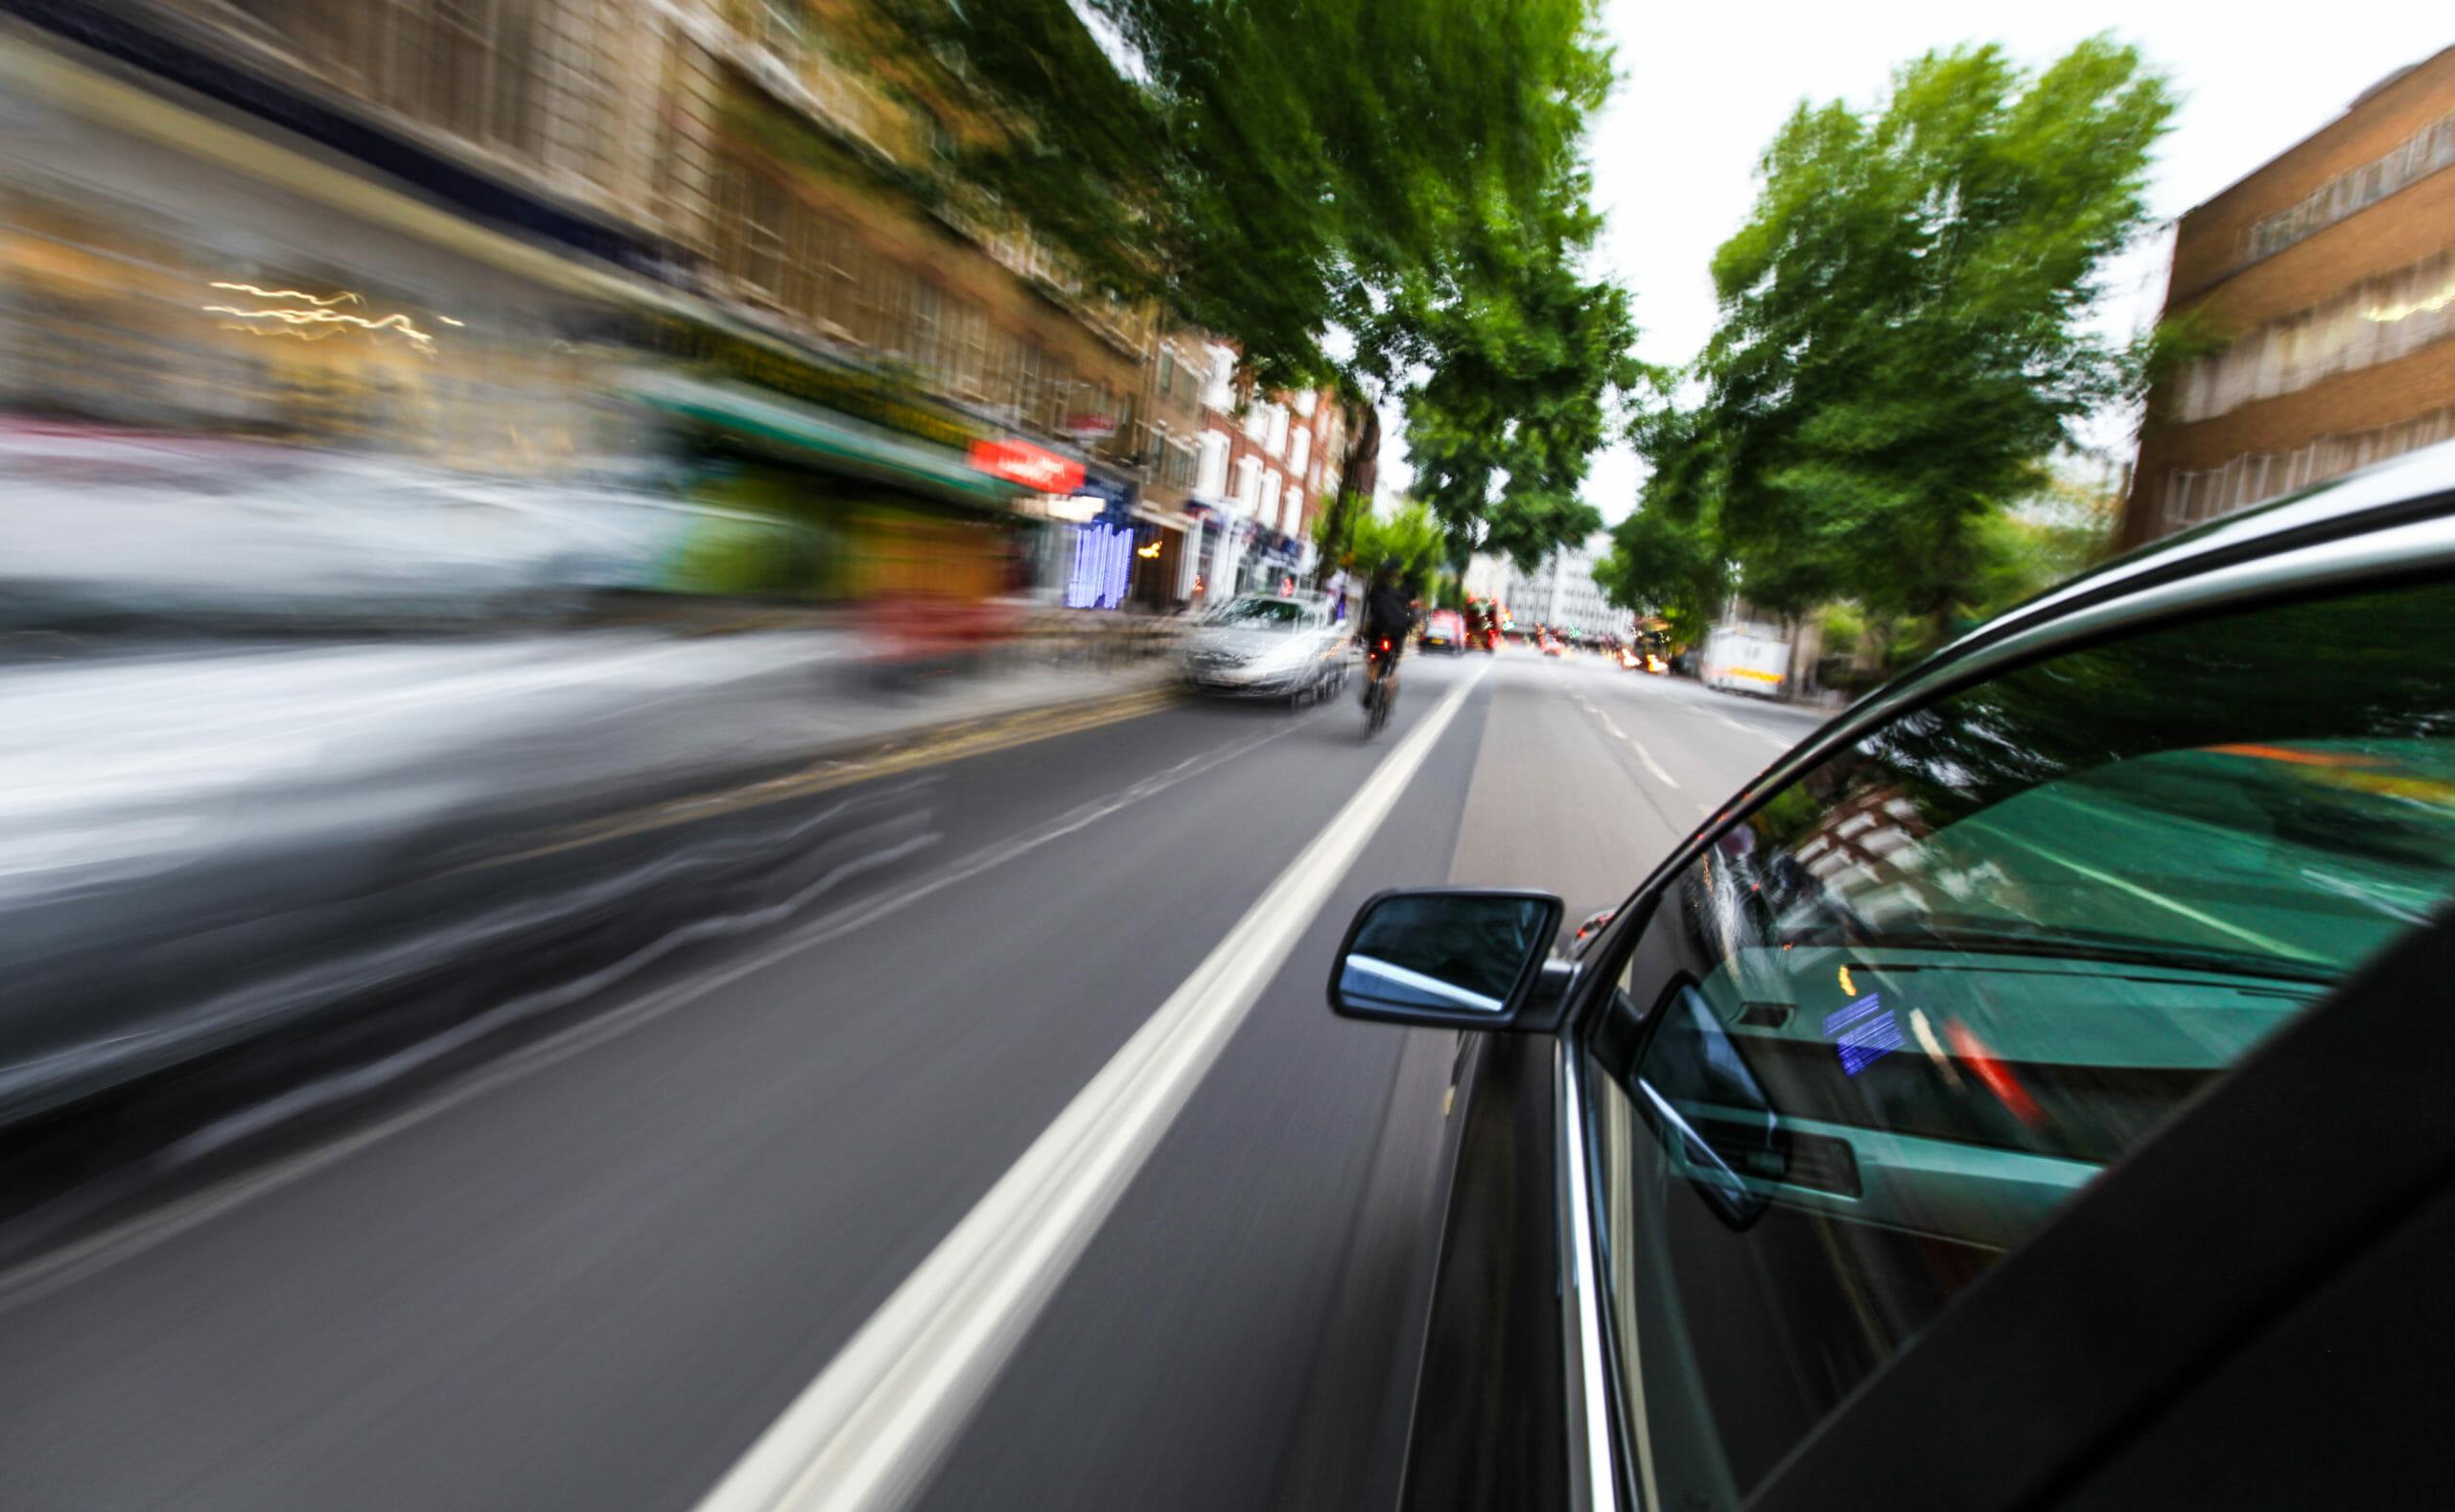 Read more about the article Politiet konfiskerer bil fra vanvidsbilists kæreste